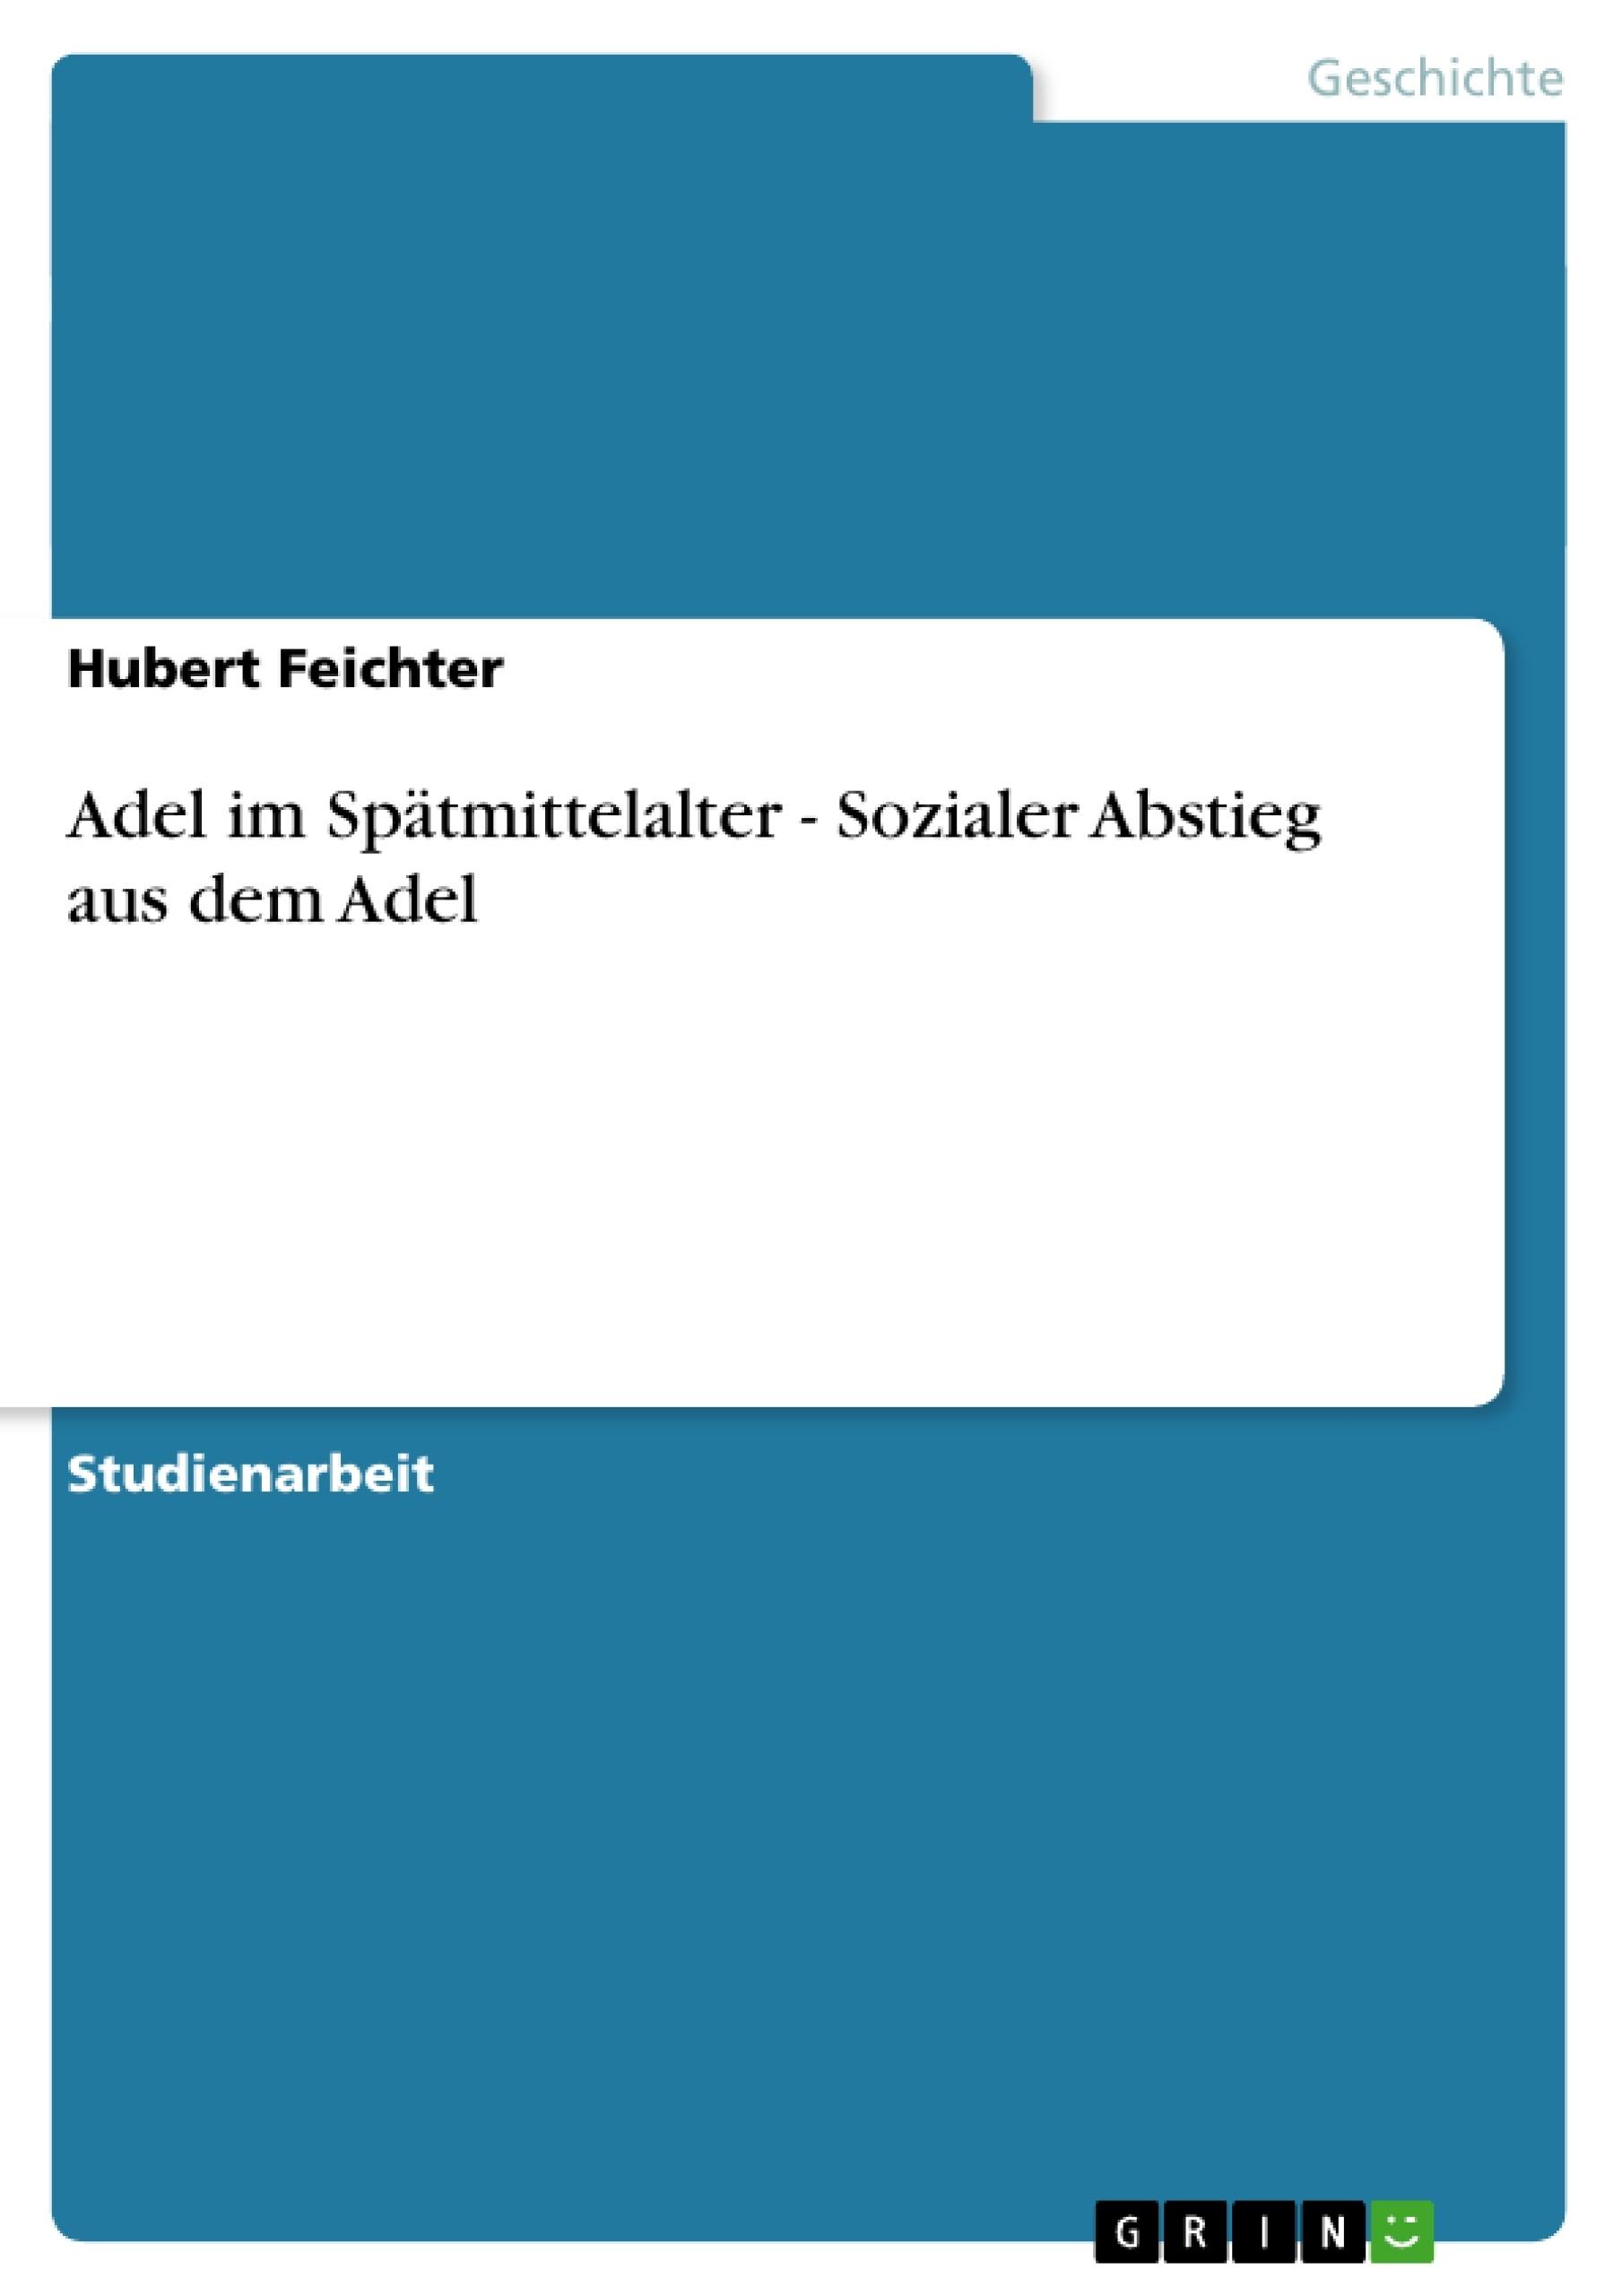 Titel: Adel im Spätmittelalter - Sozialer Abstieg aus dem Adel